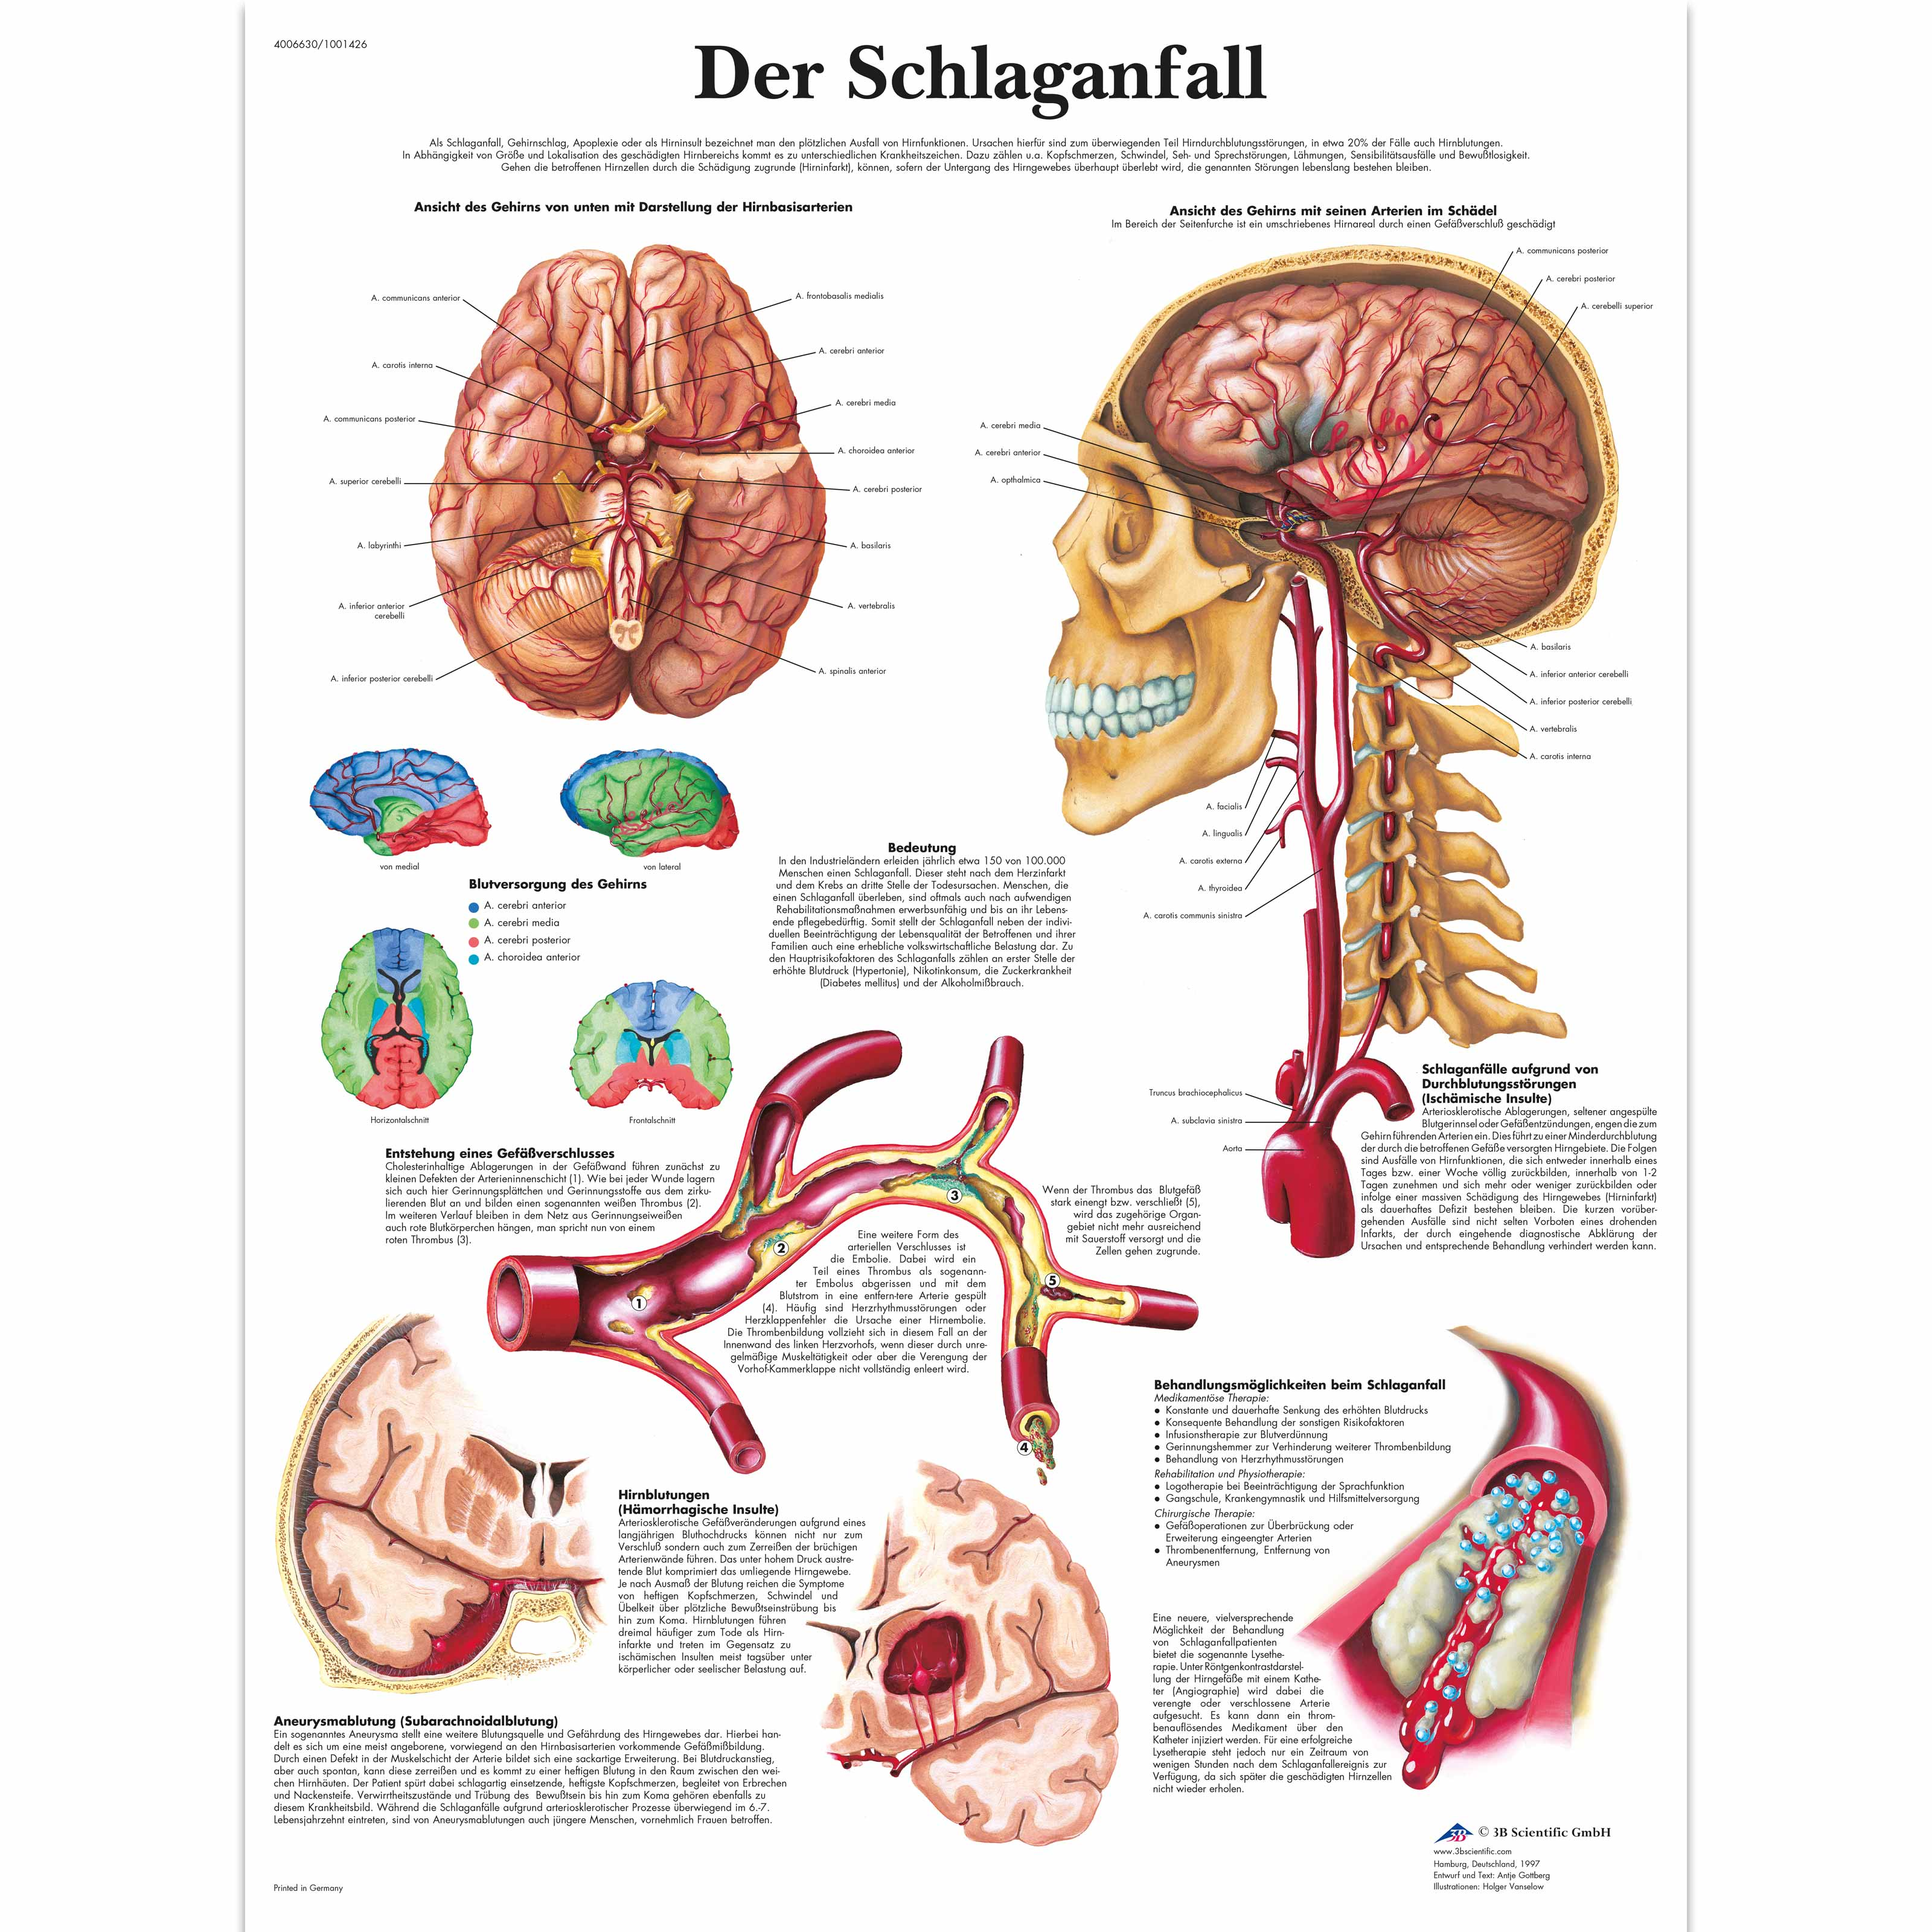 Lehrtafel - Schlaganfall - 4006630 - VR0627UU - Herz-Kreislauf ...